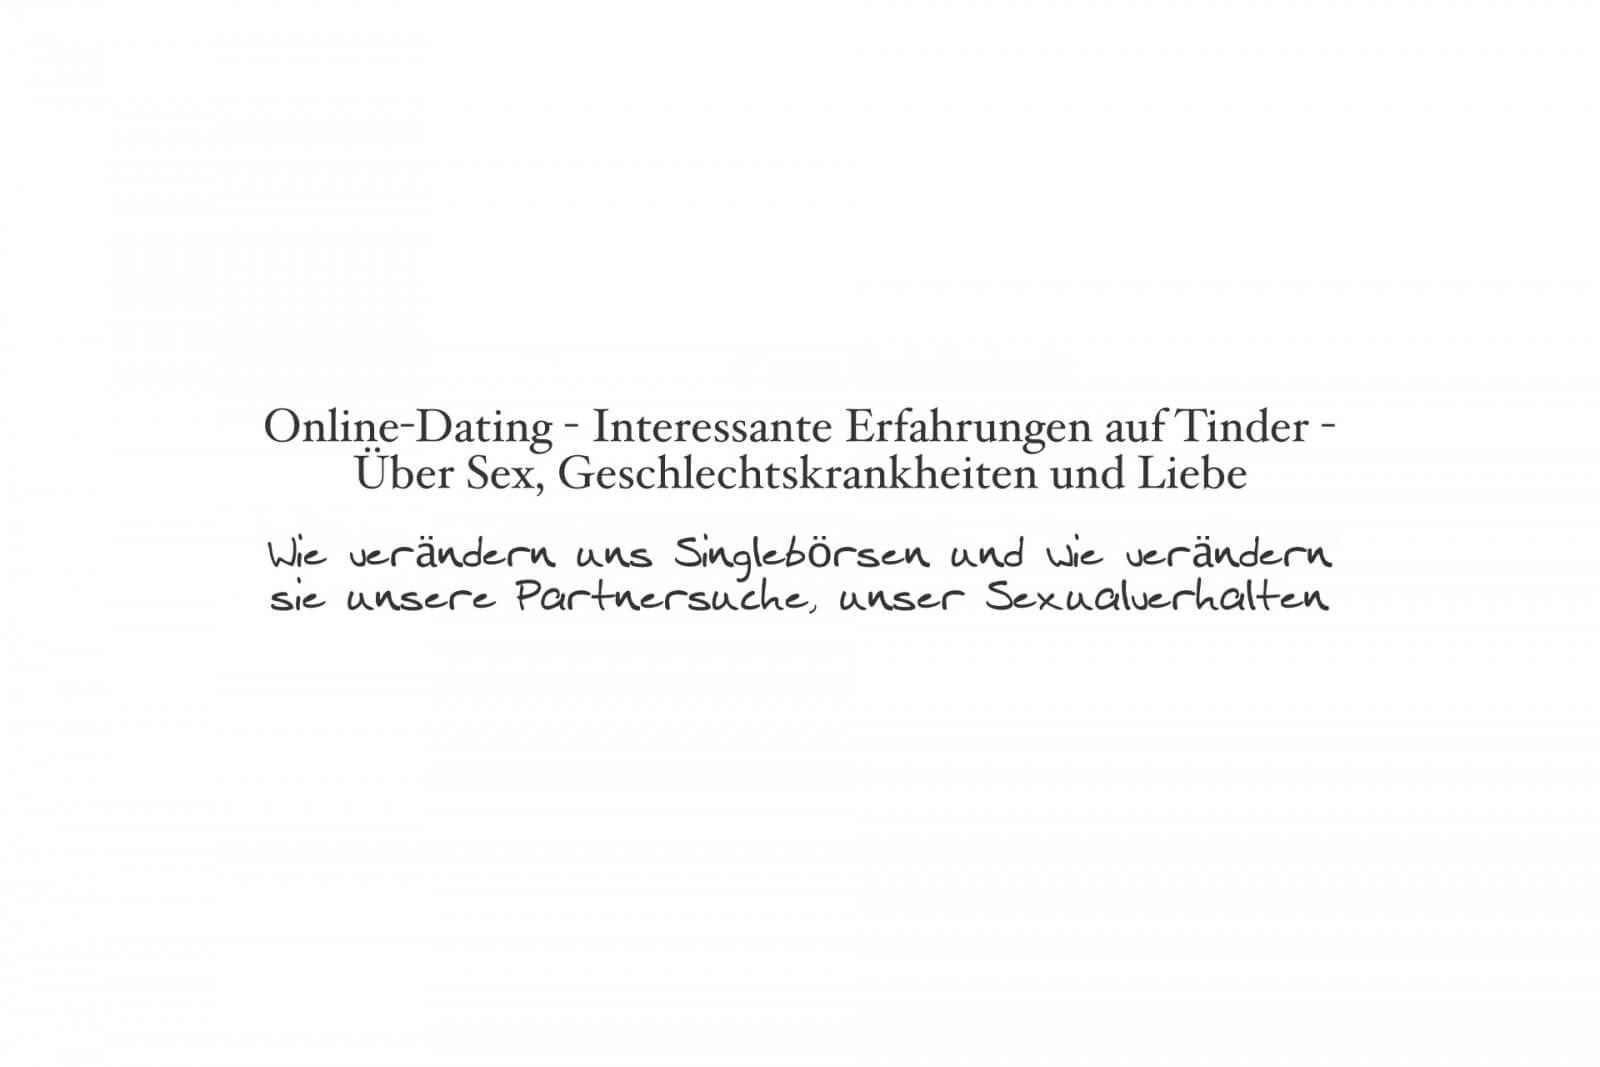 Über Erfahrungen auf Tinder - Über Online-Dating ,Sex, Werte, Geschlechtskrankheiten und Liebe